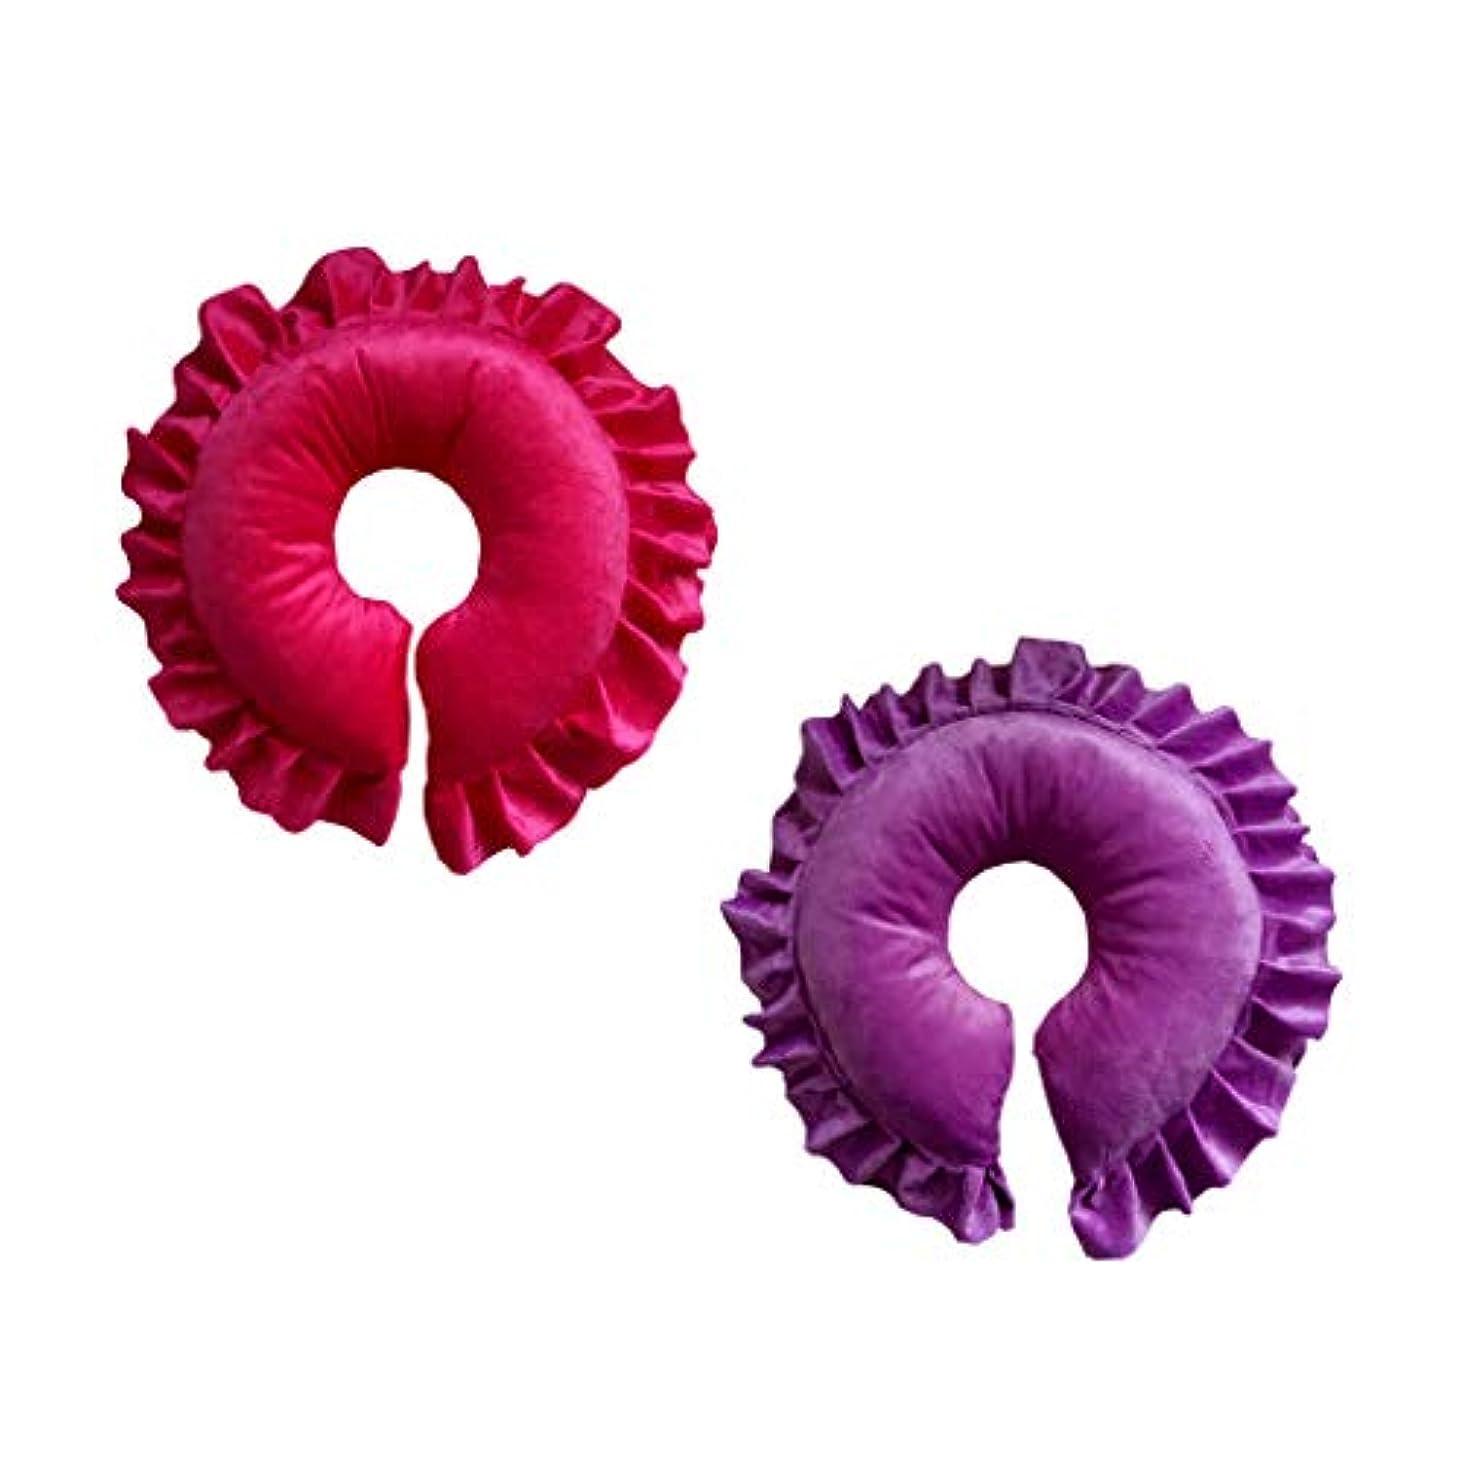 上向き目立つ試してみるPerfeclan 2個 フェイスピロー マッサージ枕 クッション サロン スパ 快適 実用的 紫&赤 2ピース